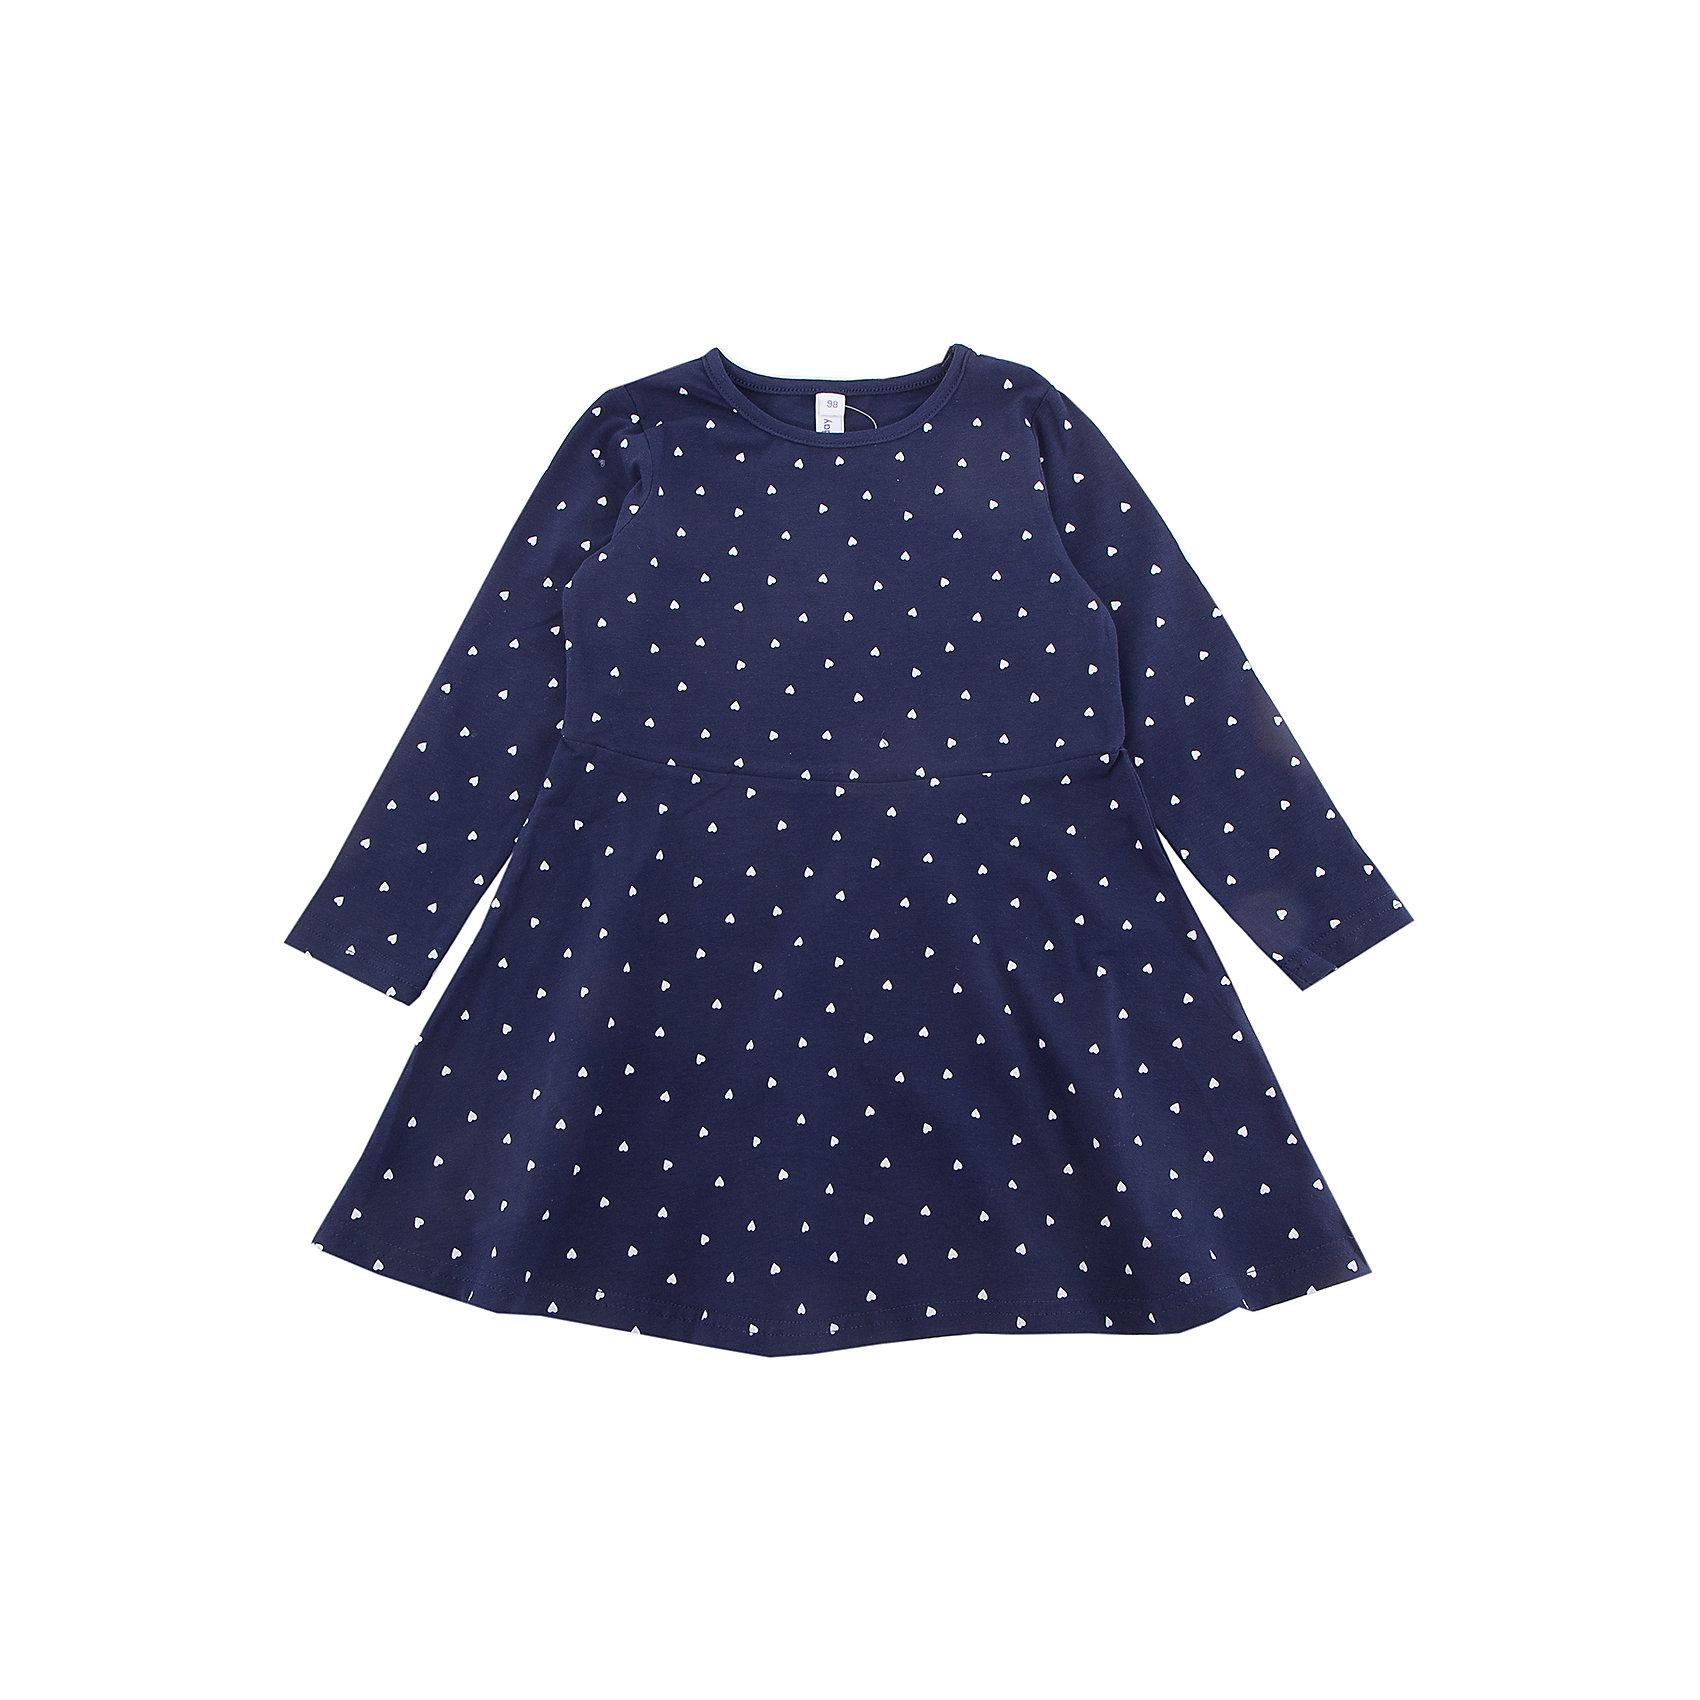 Платье PlayToday для девочкиПлатья и сарафаны<br>Платье PlayToday для девочки<br>Платье с округлым вырезом, отрезное по талии. Выполнено из натурального хлопка. Модель с длинными рукавами. В качестве декора использован мелкий принт по всей площади изделия.<br>Состав:<br>95% хлопок, 5% эластан<br><br>Ширина мм: 236<br>Глубина мм: 16<br>Высота мм: 184<br>Вес г: 177<br>Цвет: белый<br>Возраст от месяцев: 84<br>Возраст до месяцев: 96<br>Пол: Женский<br>Возраст: Детский<br>Размер: 128,98,104,110,116,122<br>SKU: 7115895